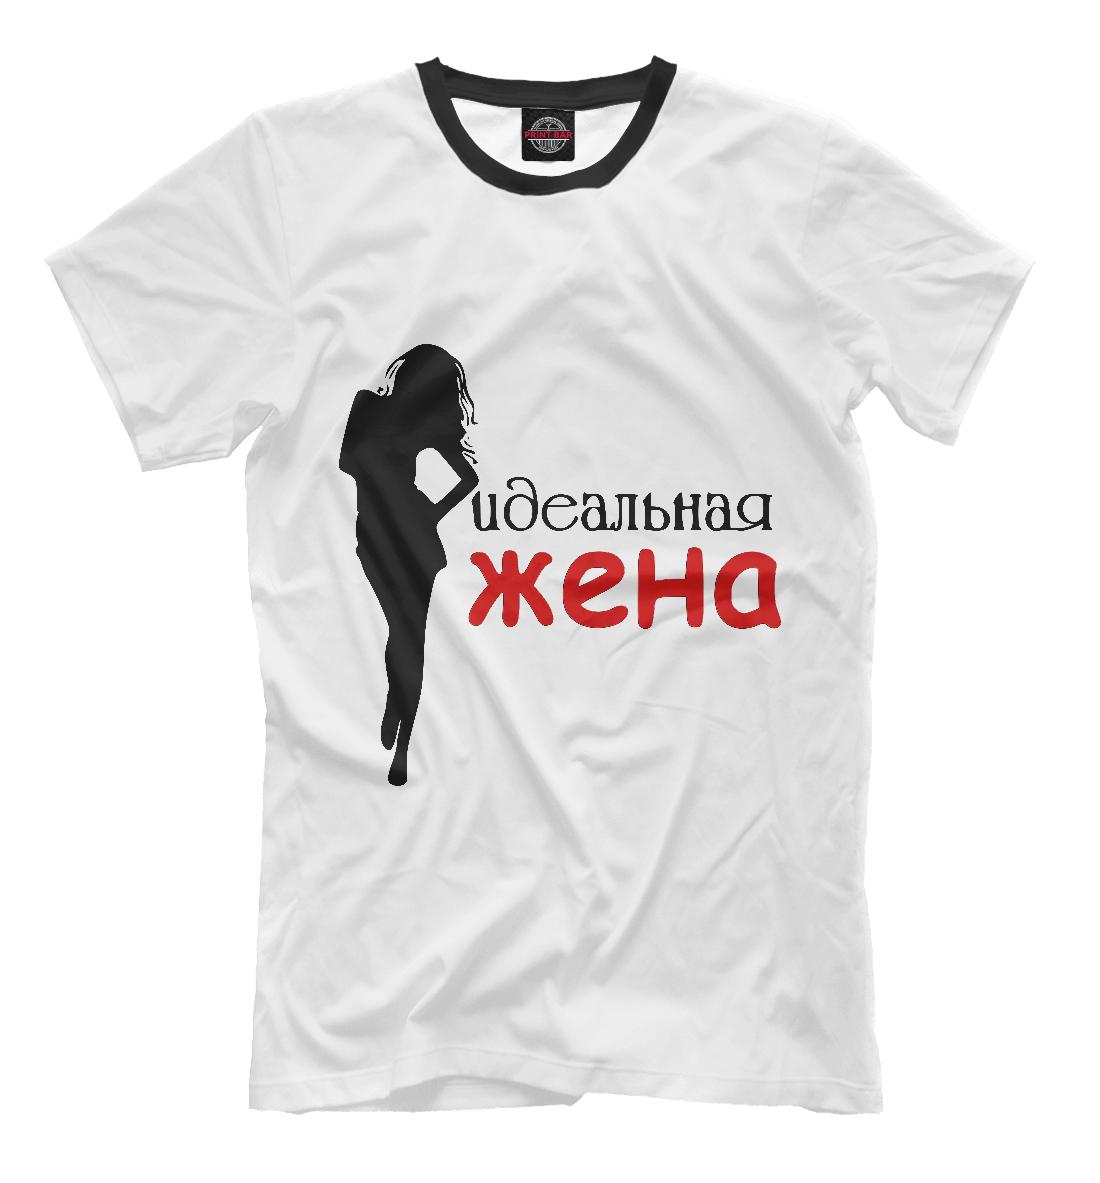 Купить Идеальная Жена, Printbar, Футболки, PDV-252185-fut-2